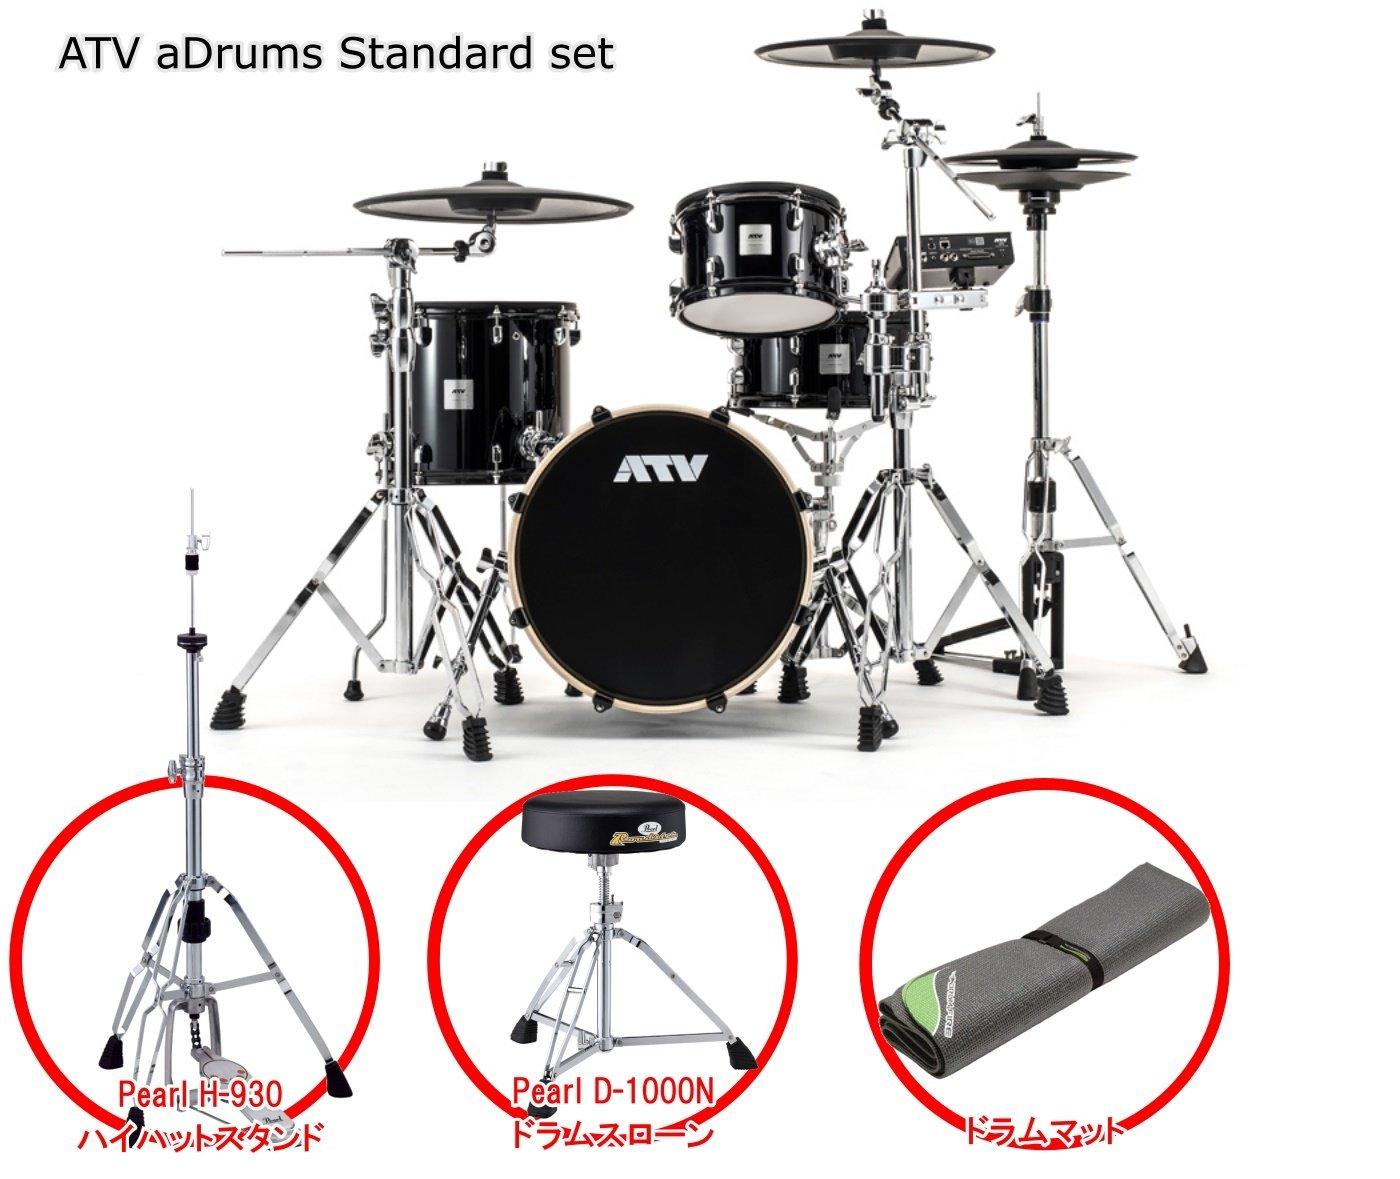 【超安い】 電子ドラム ATV Standard aDrums Standard set 電子ドラム【KEYオリジナル set ハードウェア&マット付属セット】 B07C2TCX45, ホームセンター通販 くろがねの森:d148abb0 --- book.officeporto.com